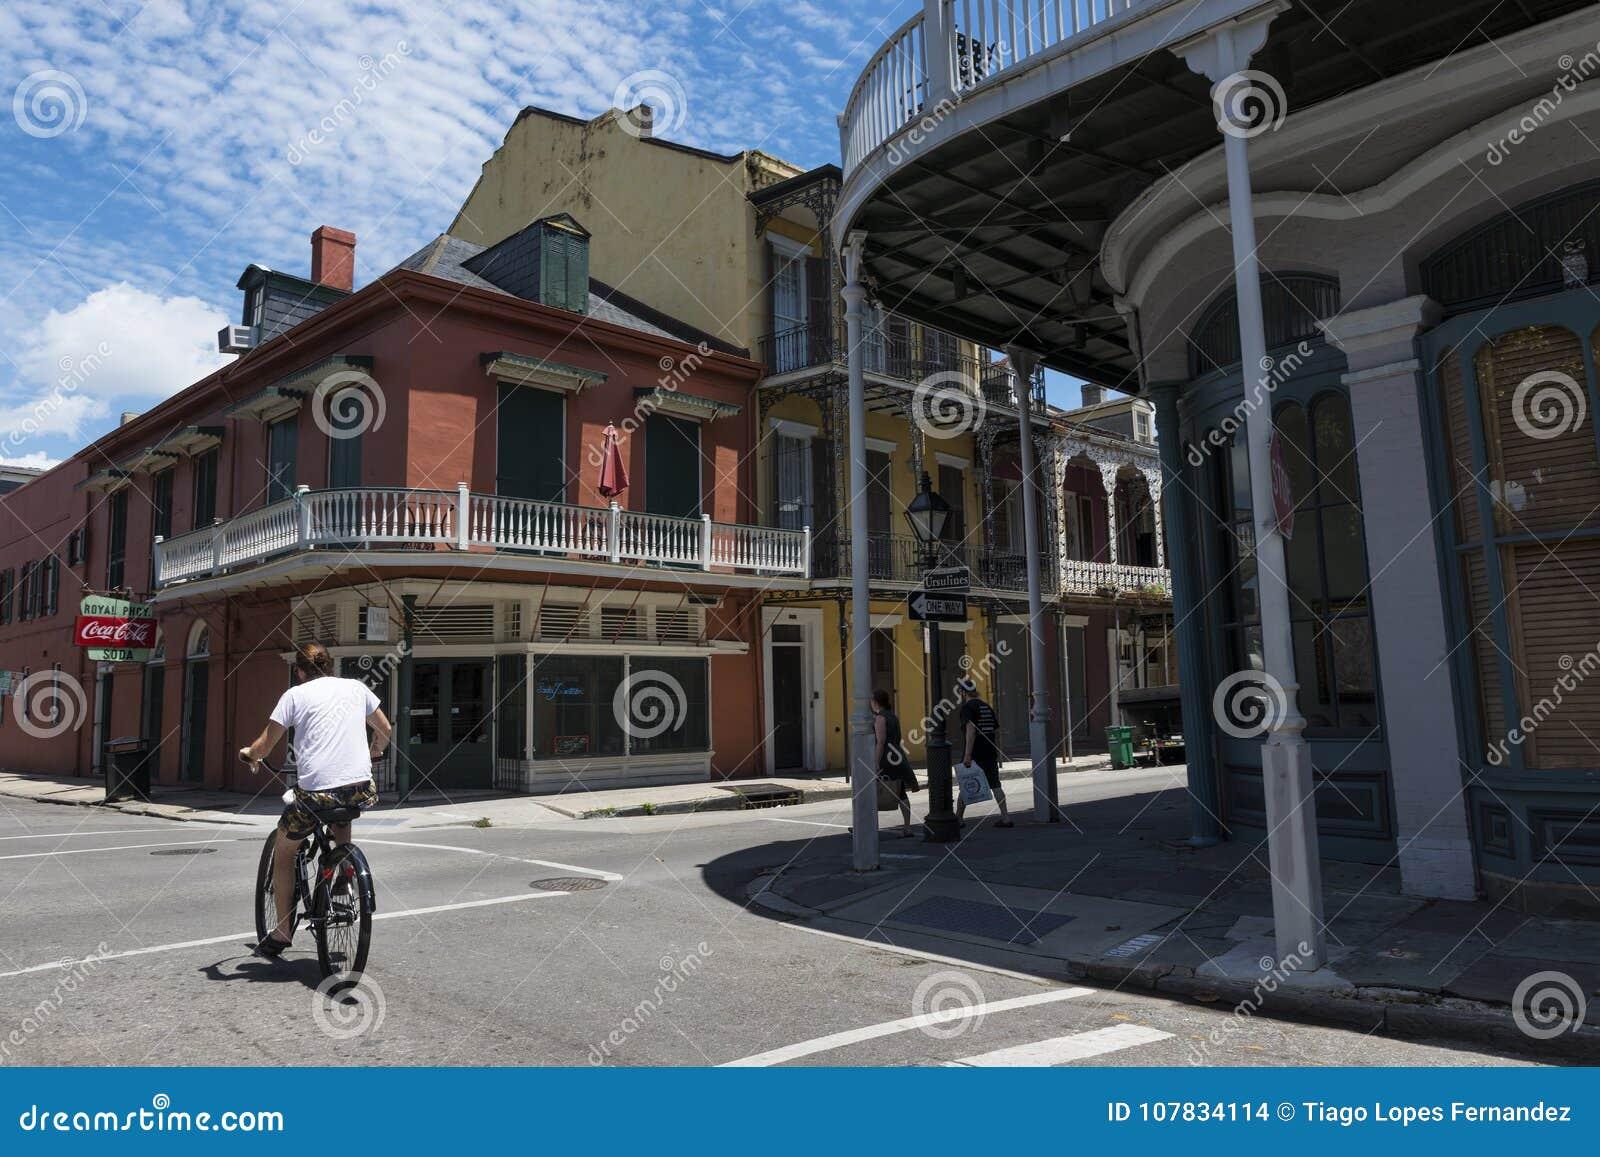 Uliczna scena w ulicie dzielnica francuska w Nowy Orlean, Luizjana